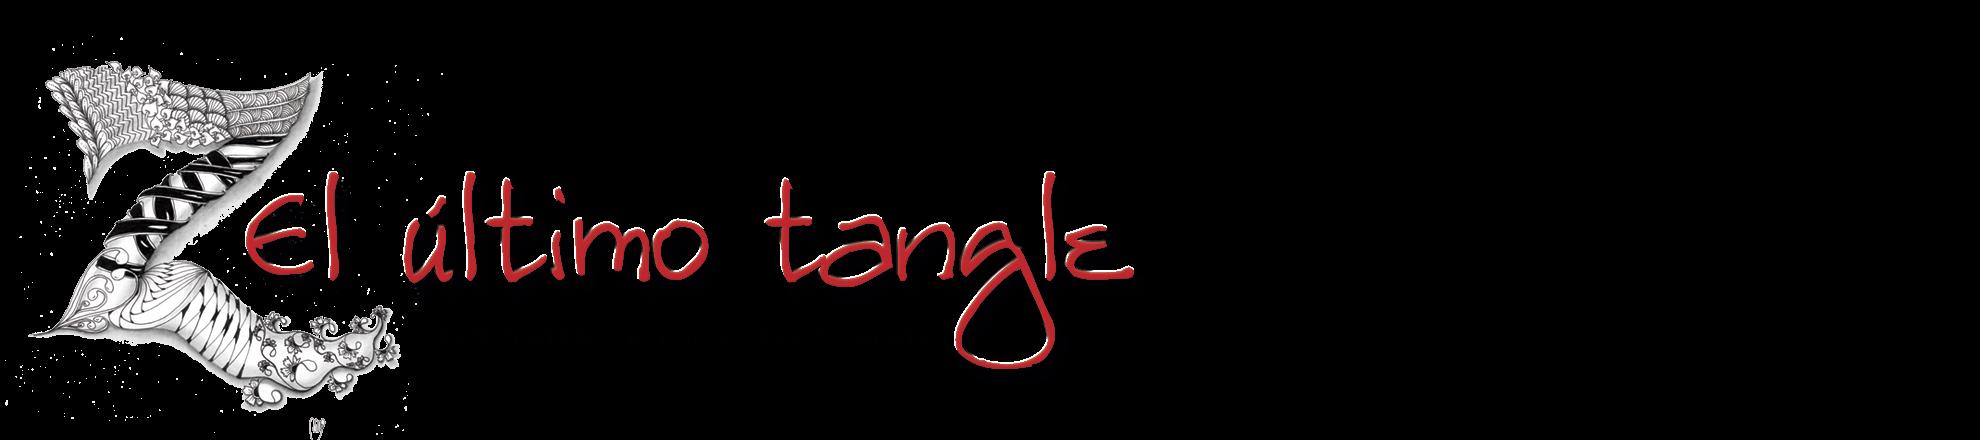 El último tangle